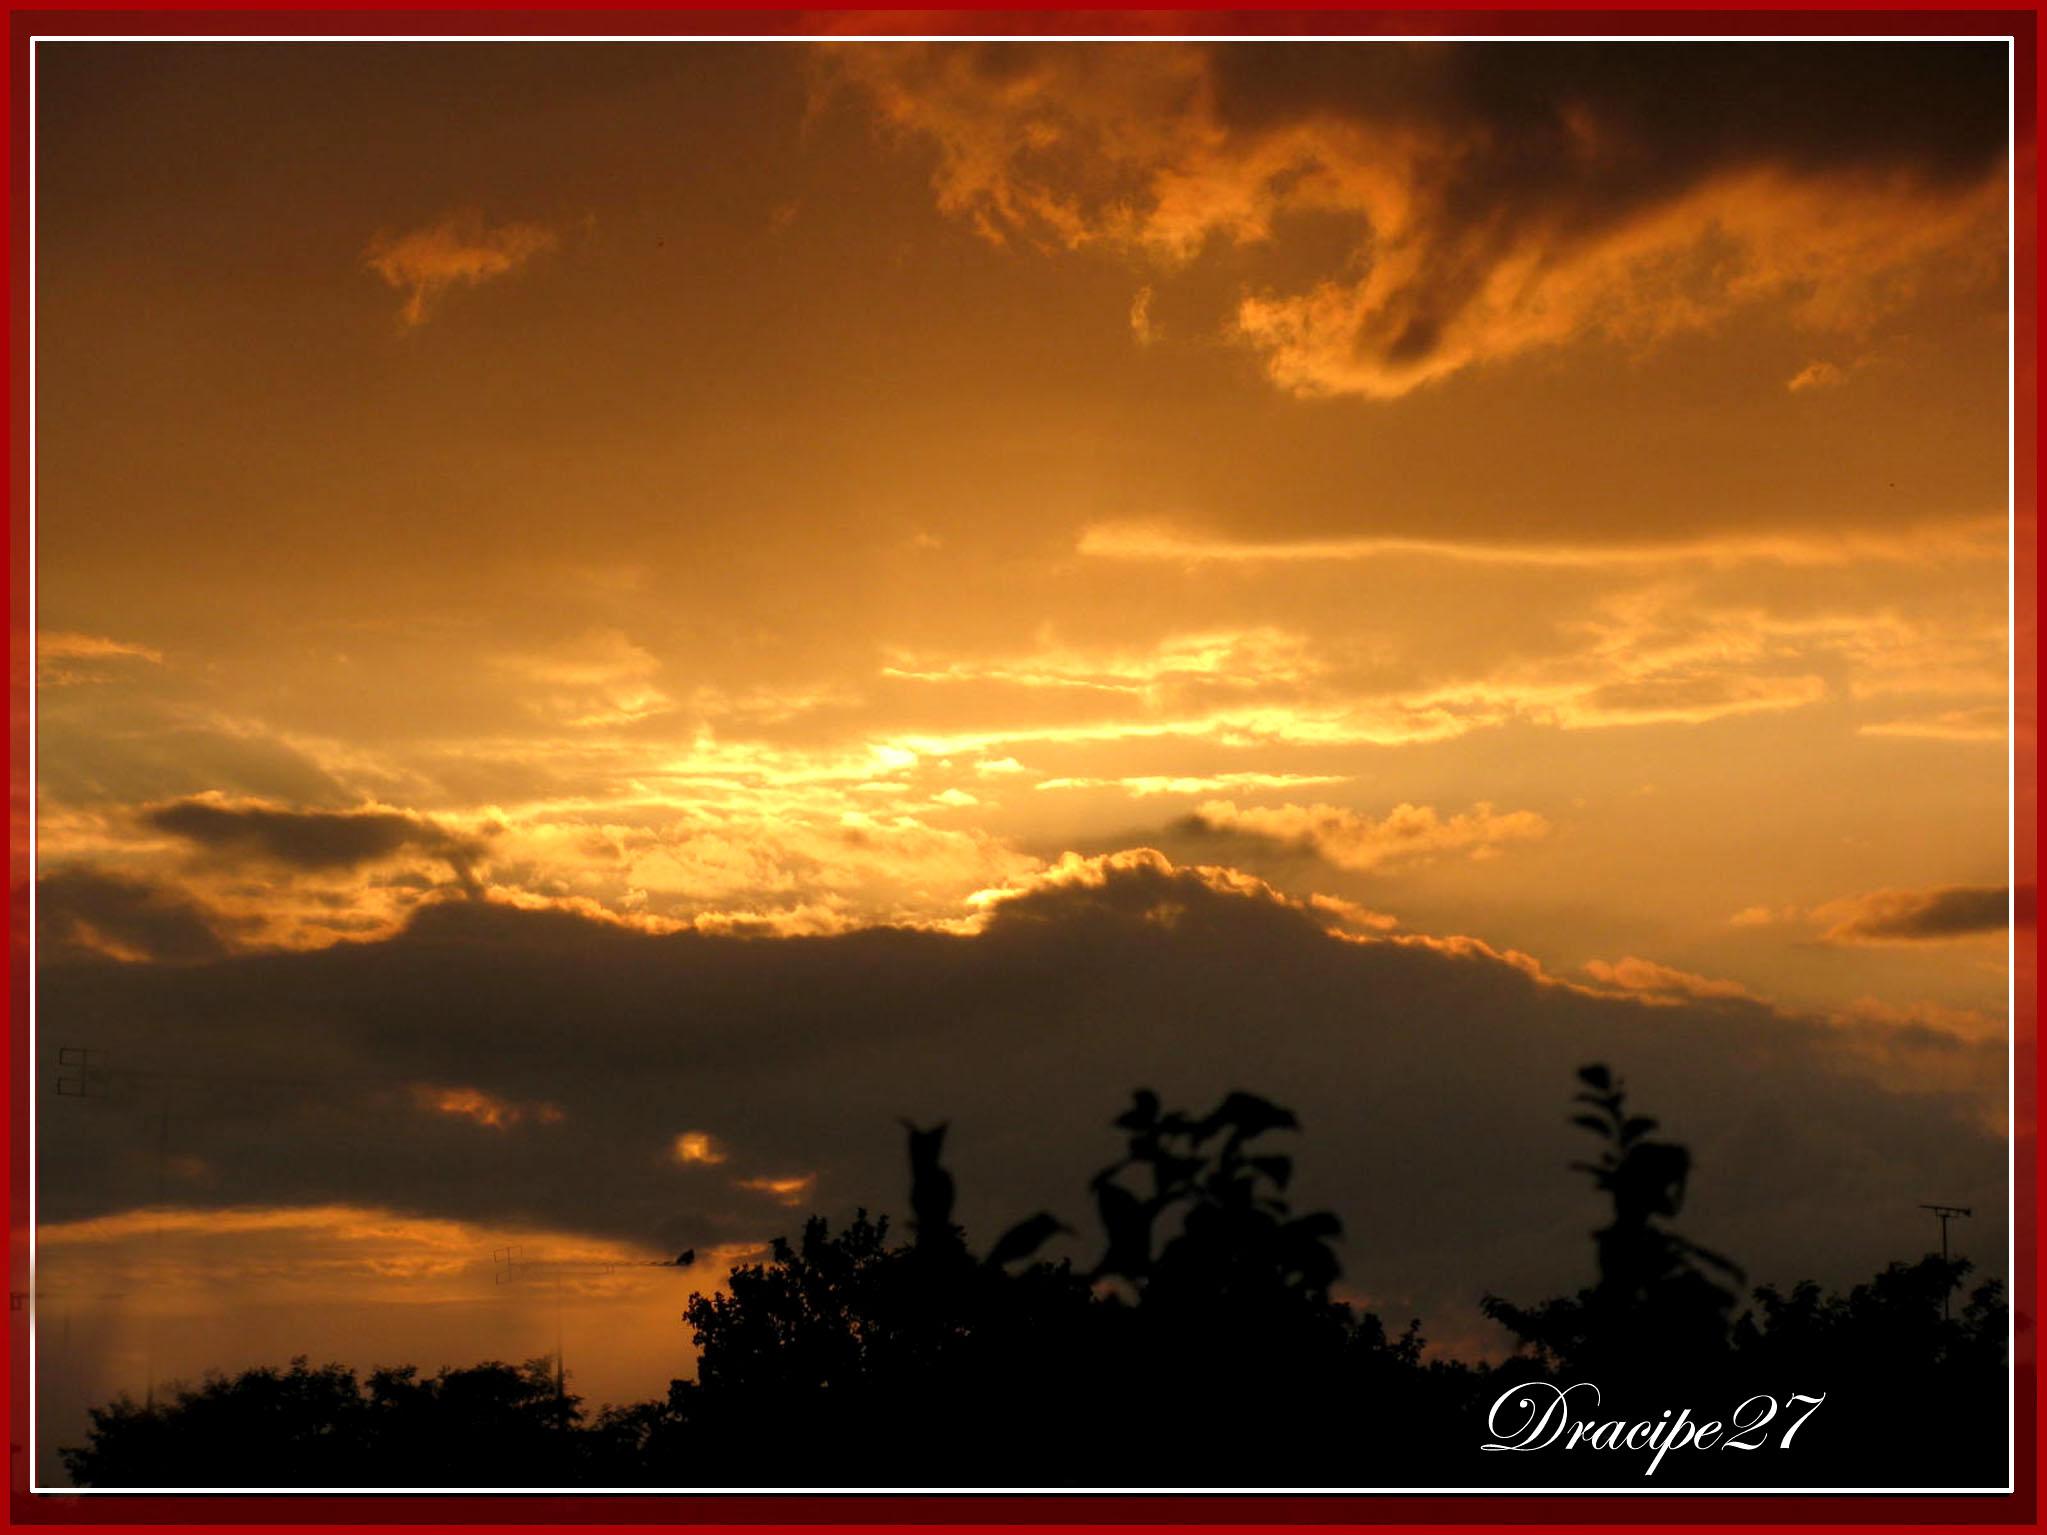 Soleil couchant en berry le blog de dracipe27 - Le soleil se couche a l ouest ...